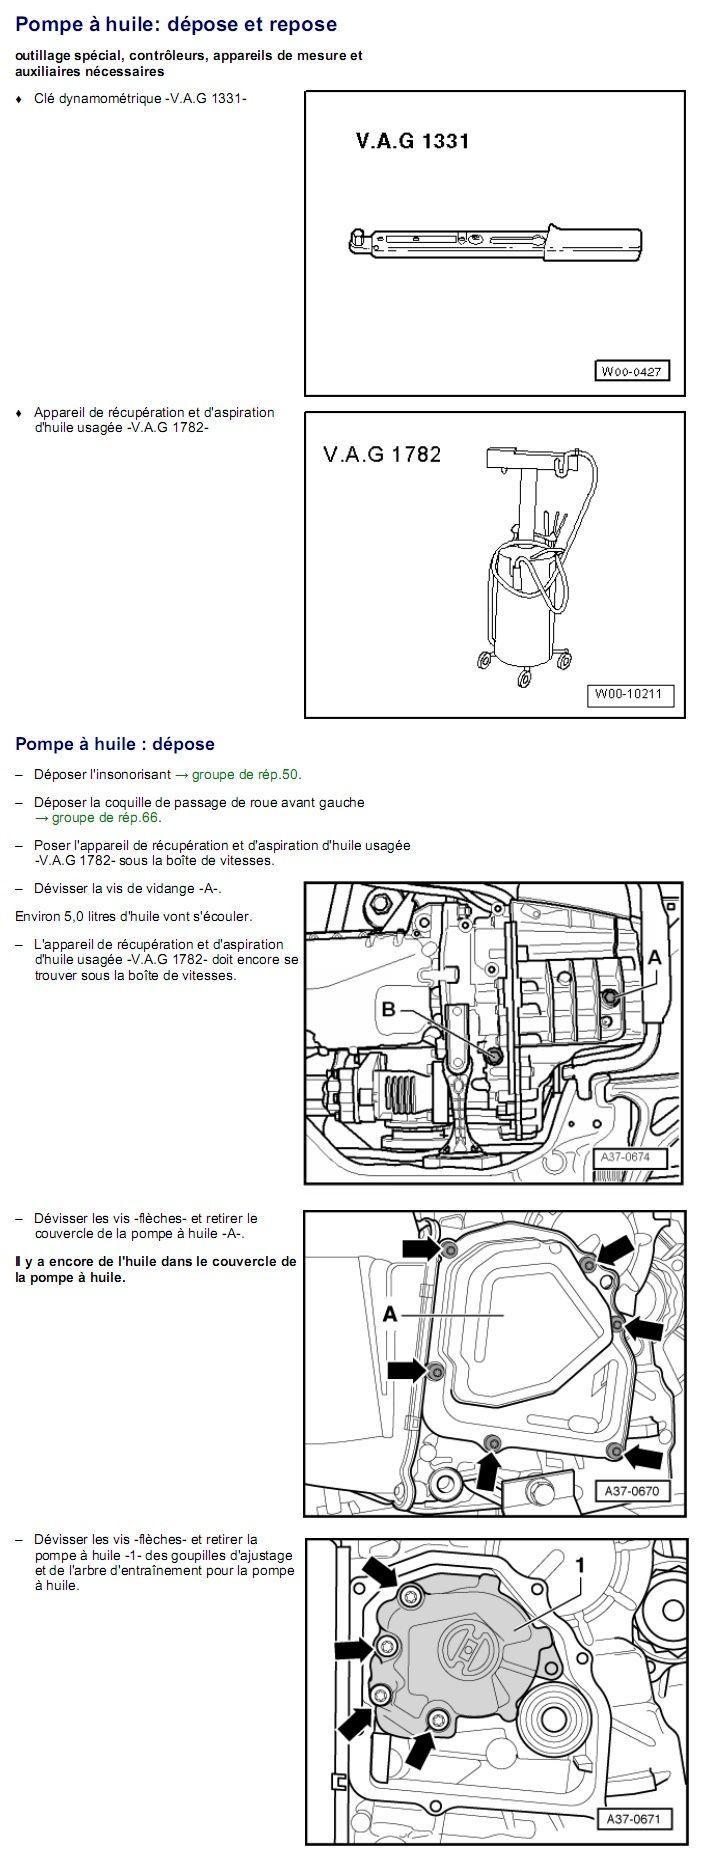 Description et Réparation - Boite DSG 02E  Dsg3210